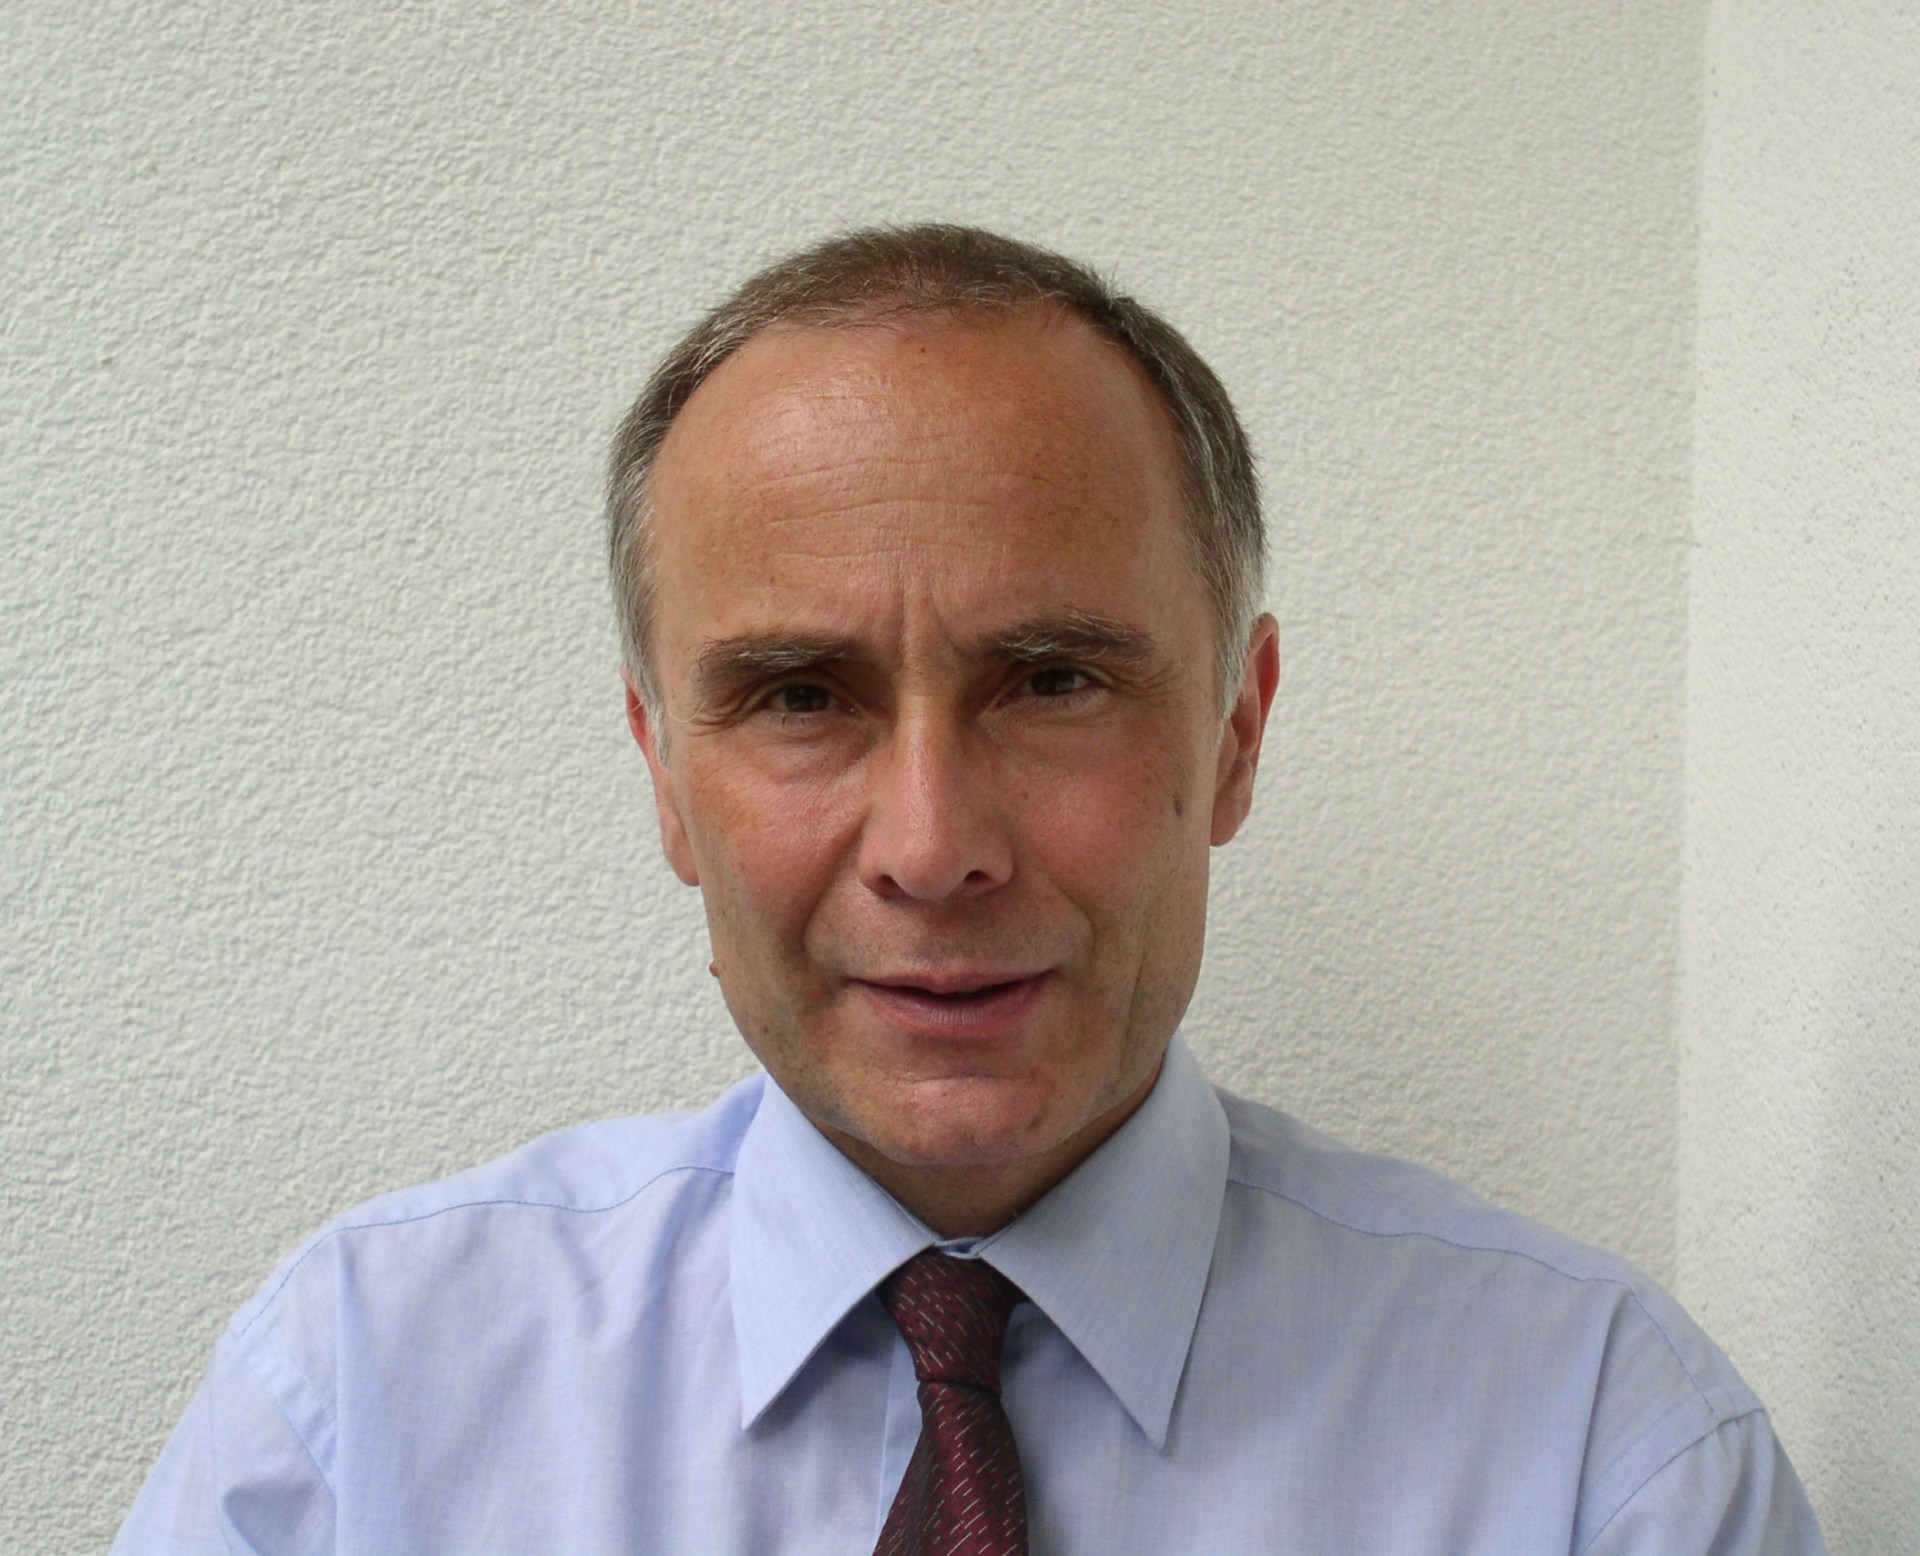 Ing. Janoušek